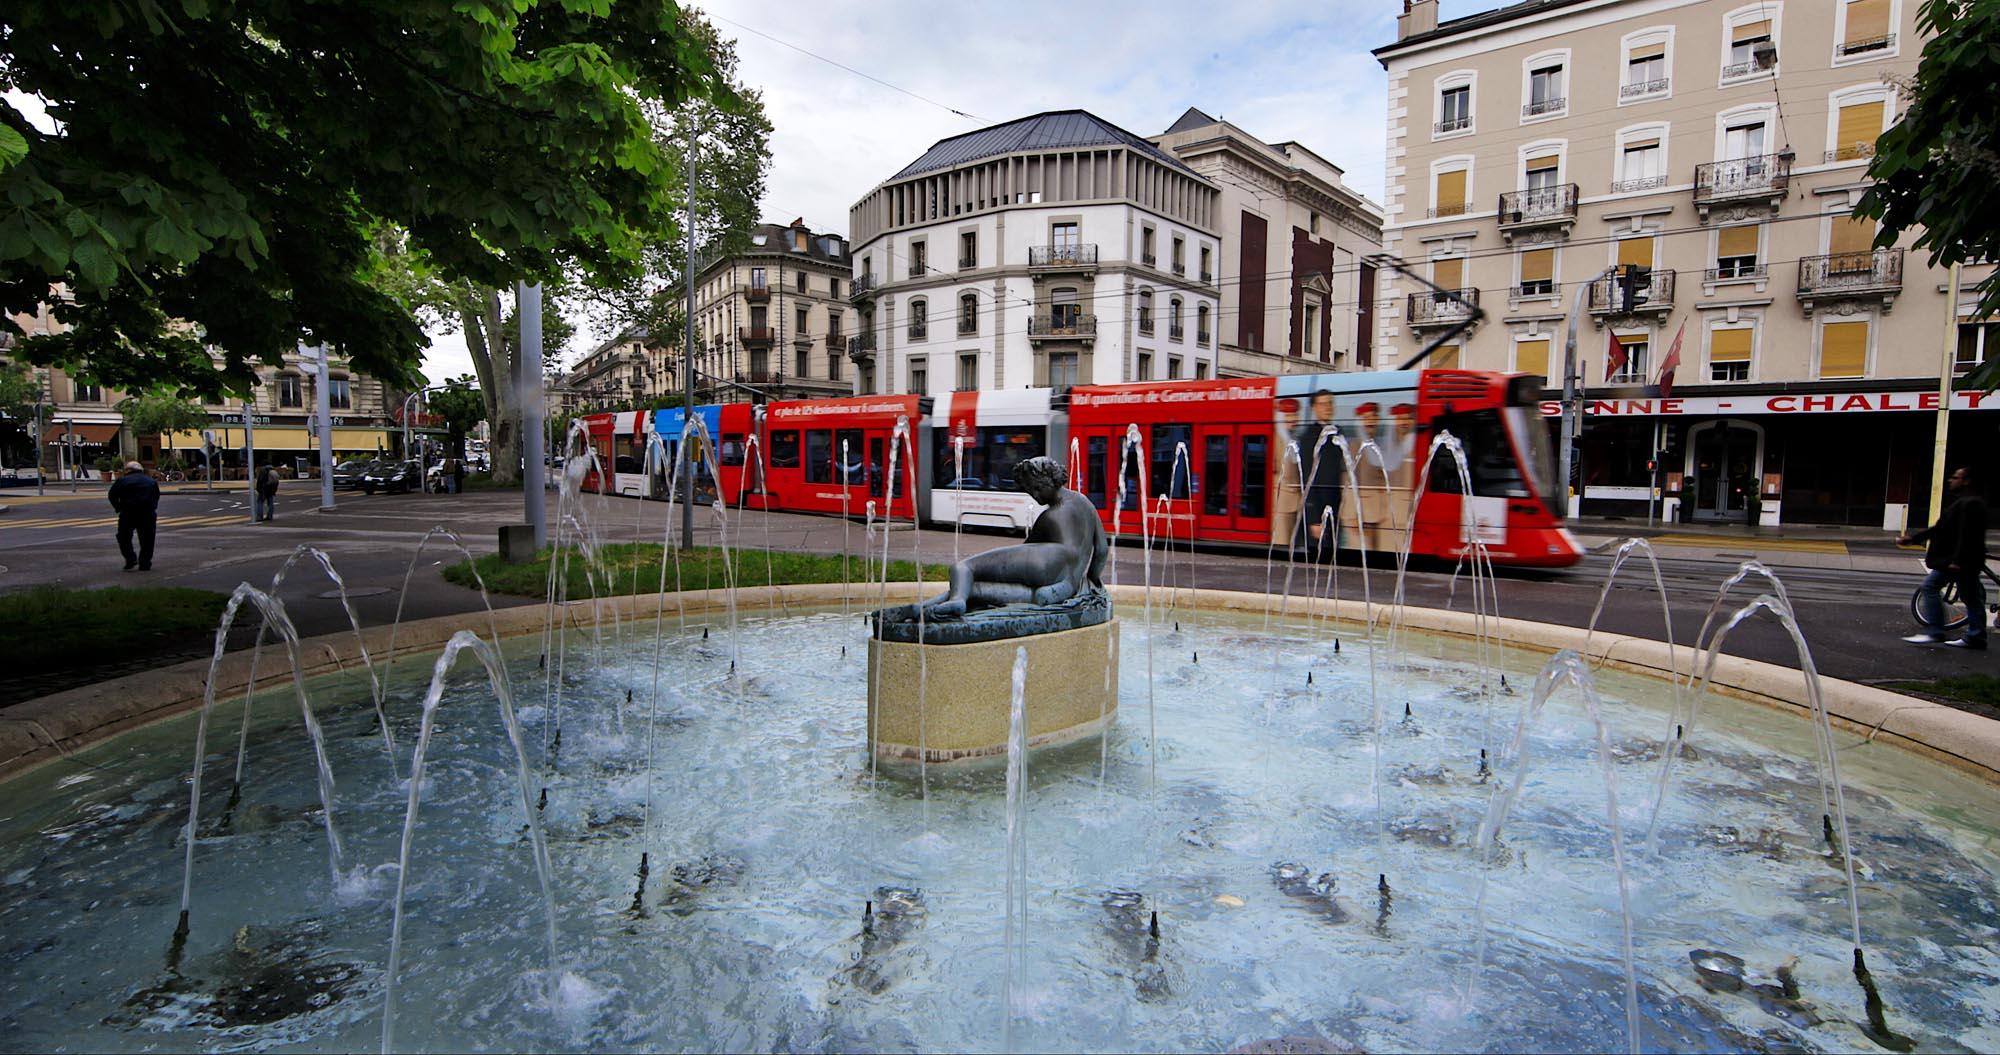 tro-c-geneva-fountain